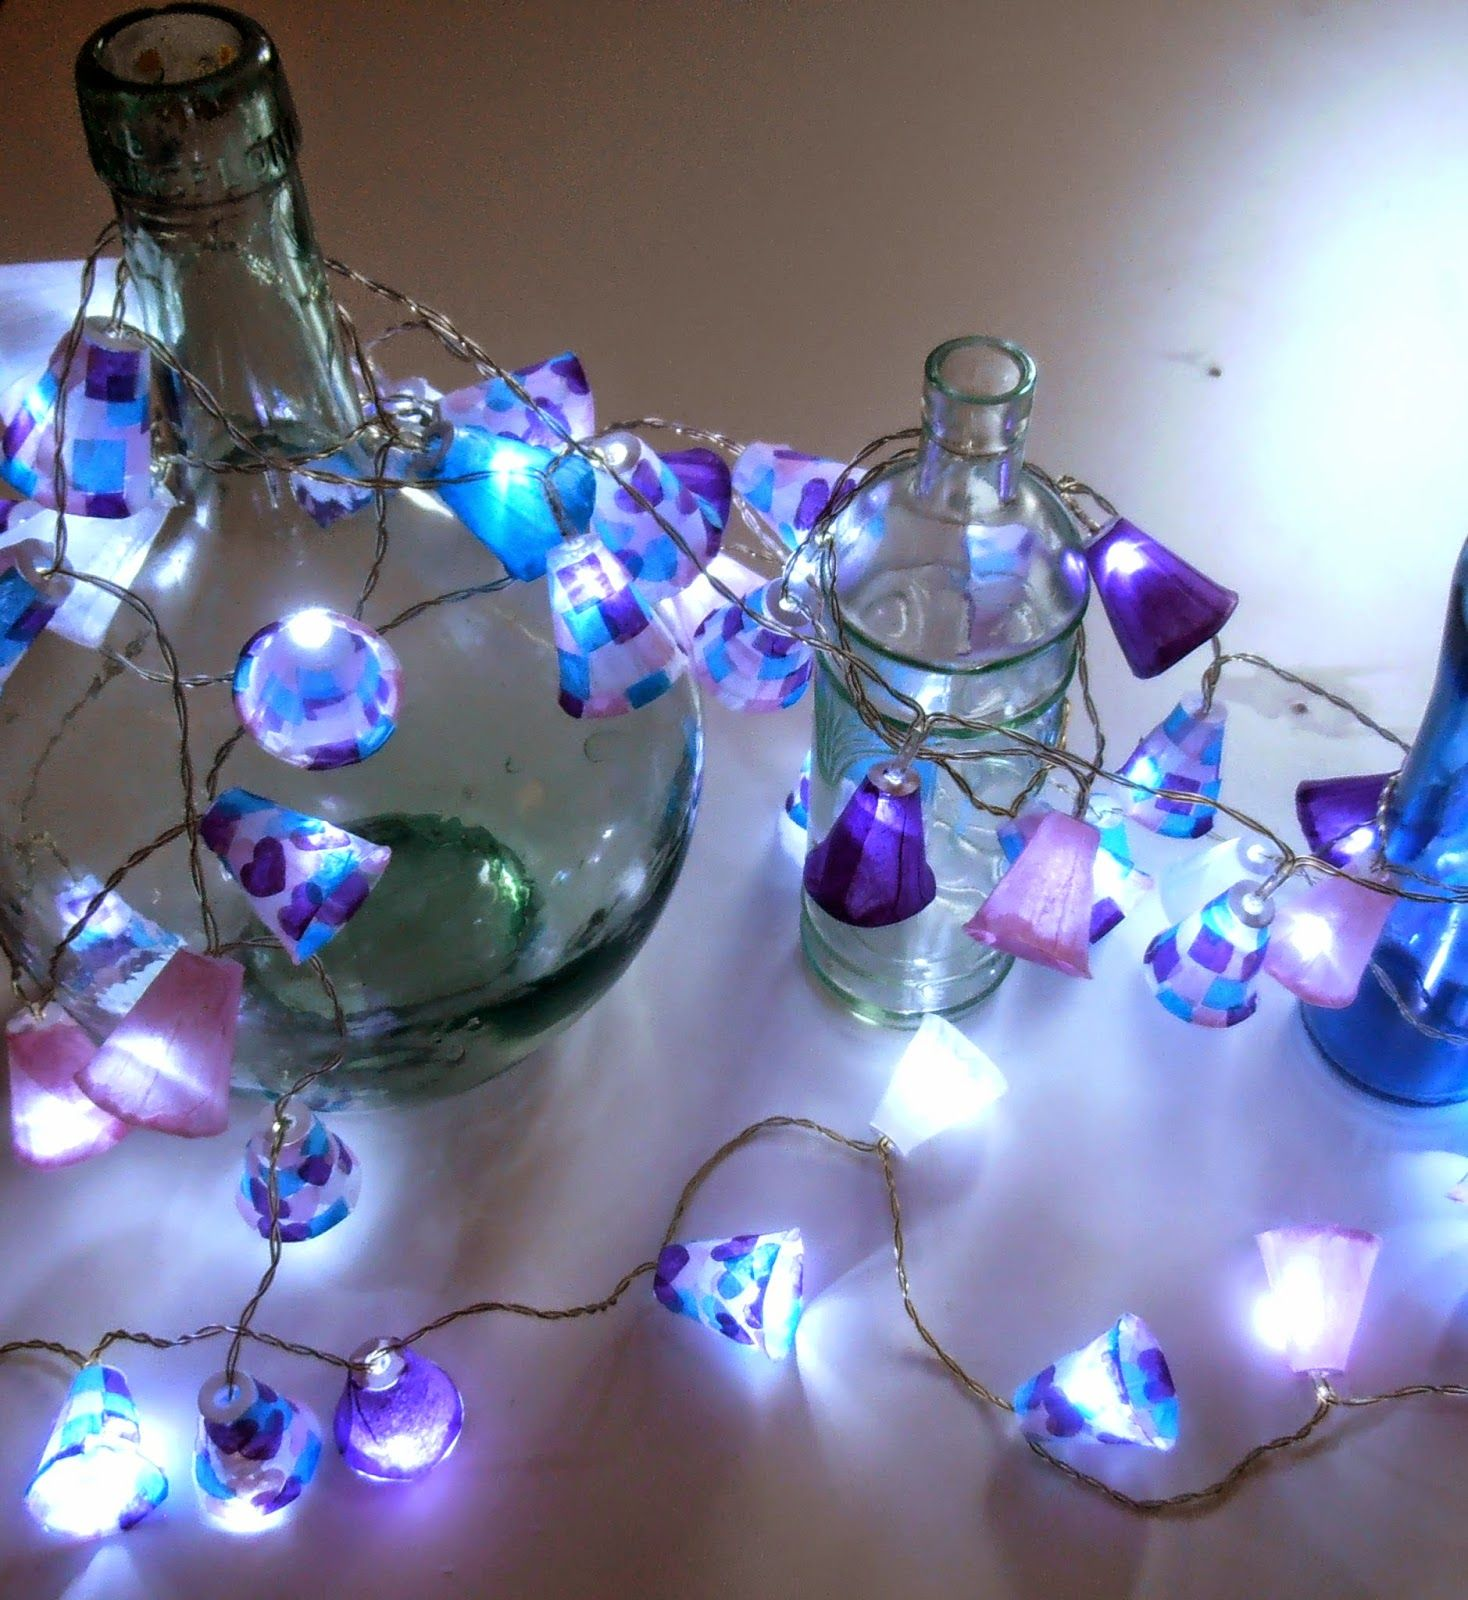 decoracin low cost guirnalda de luces artesanal y reciclando - Guirnaldas De Luces